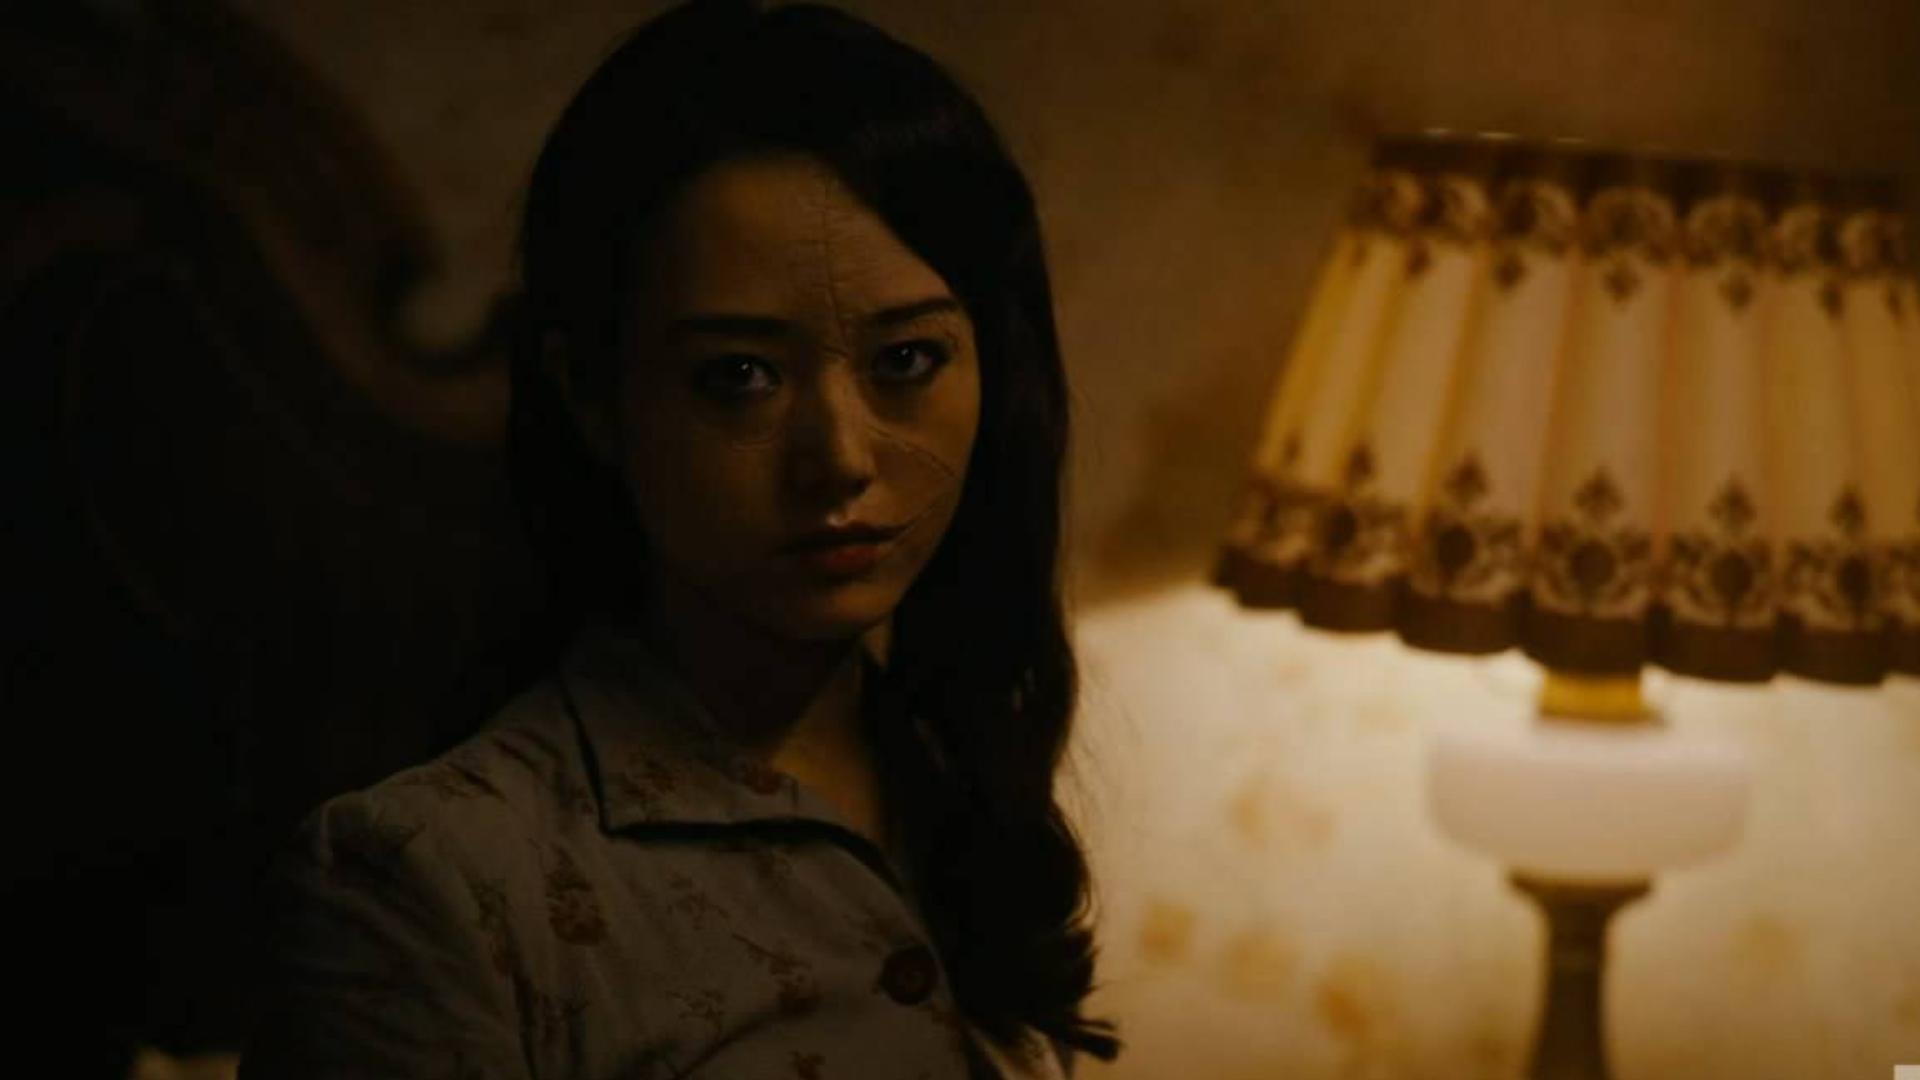 【长工】恶灵浴火重生,开启了无限追杀模式《极地恶灵》第二季 第7期